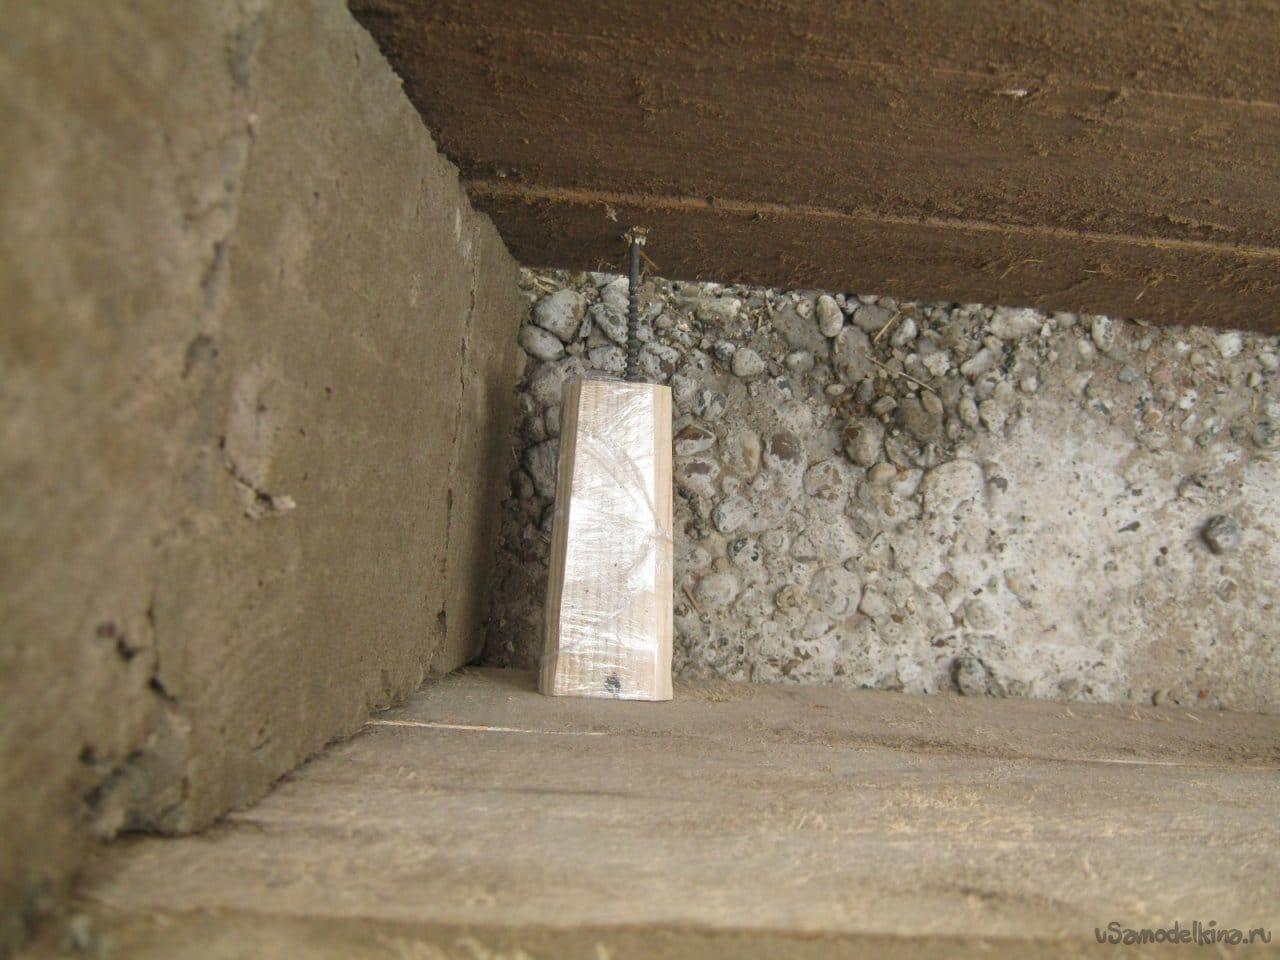 Экономный ленточный фундамент, экономное бетонирование «вообще»